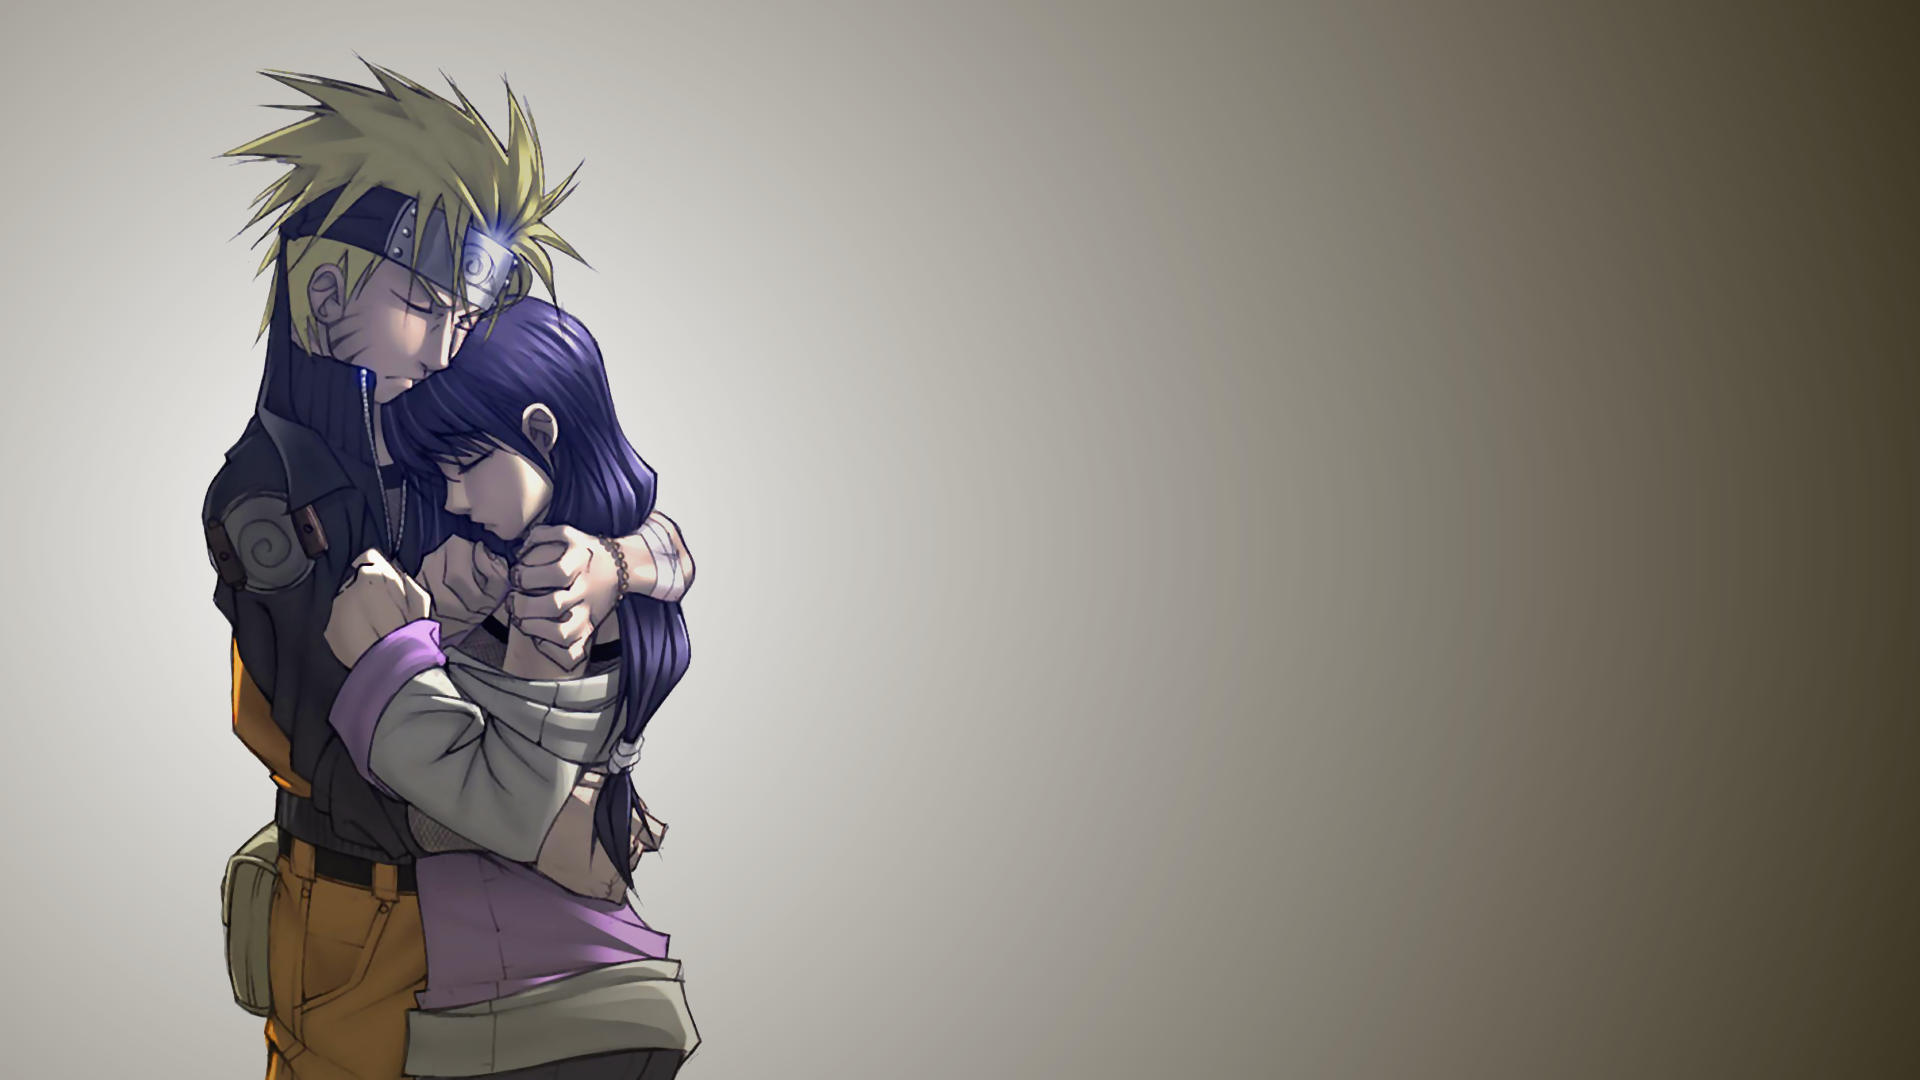 Naruto Uzumaki and Hinata Hyuga wallpaper 14348 1920x1080